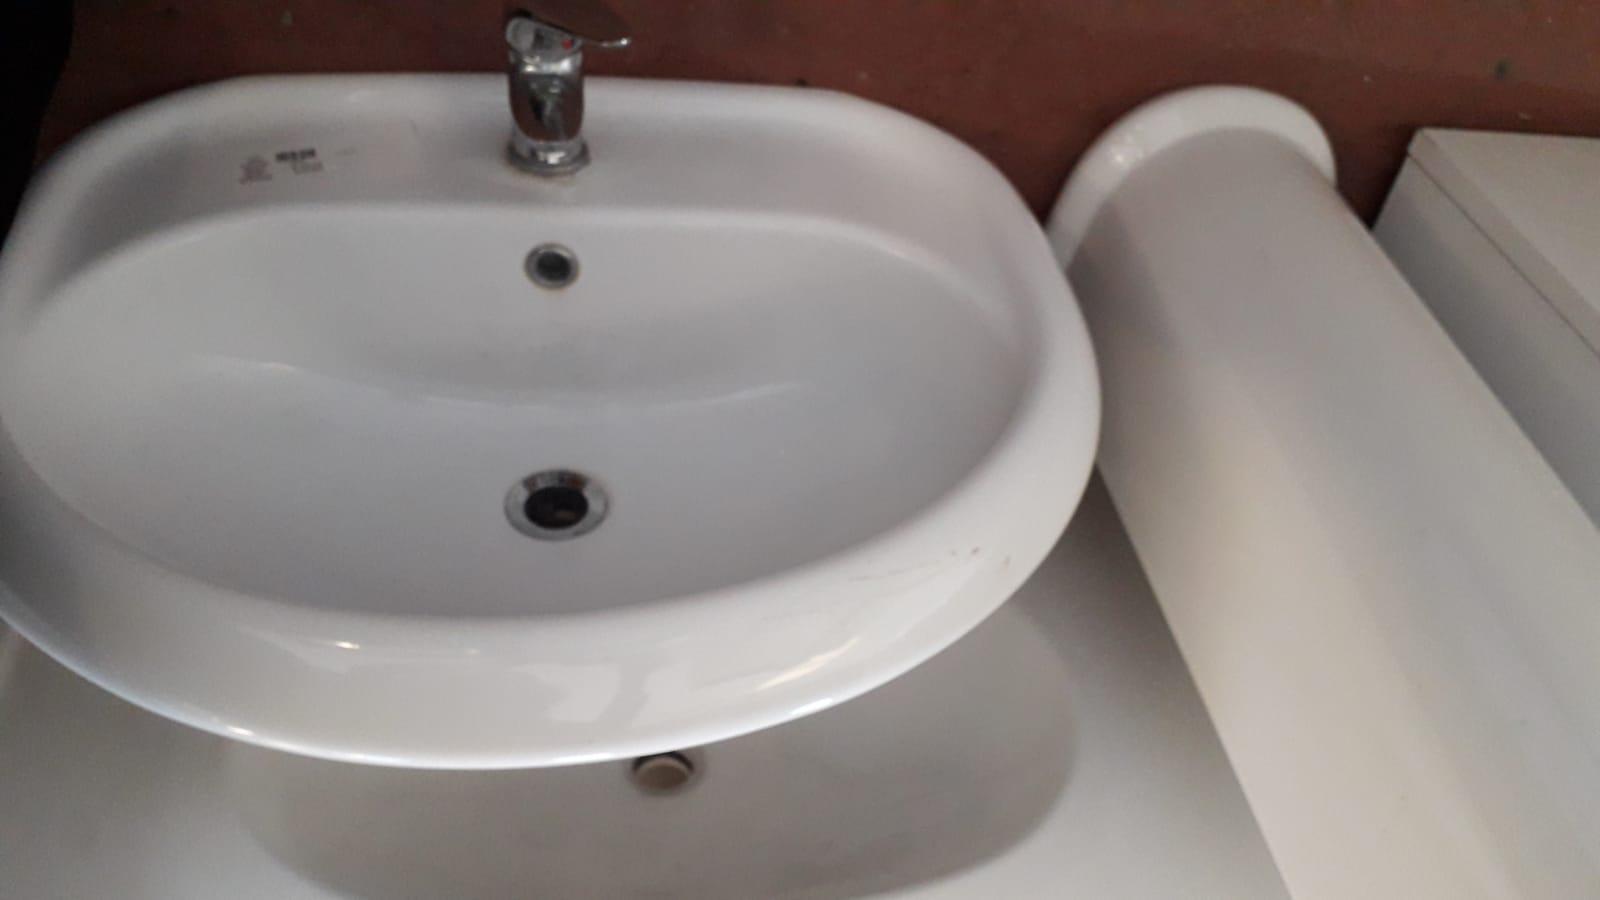 Lavandino Bagno Con Piede catanzaro arredamento bagno. mobiletti lavabo lavandini